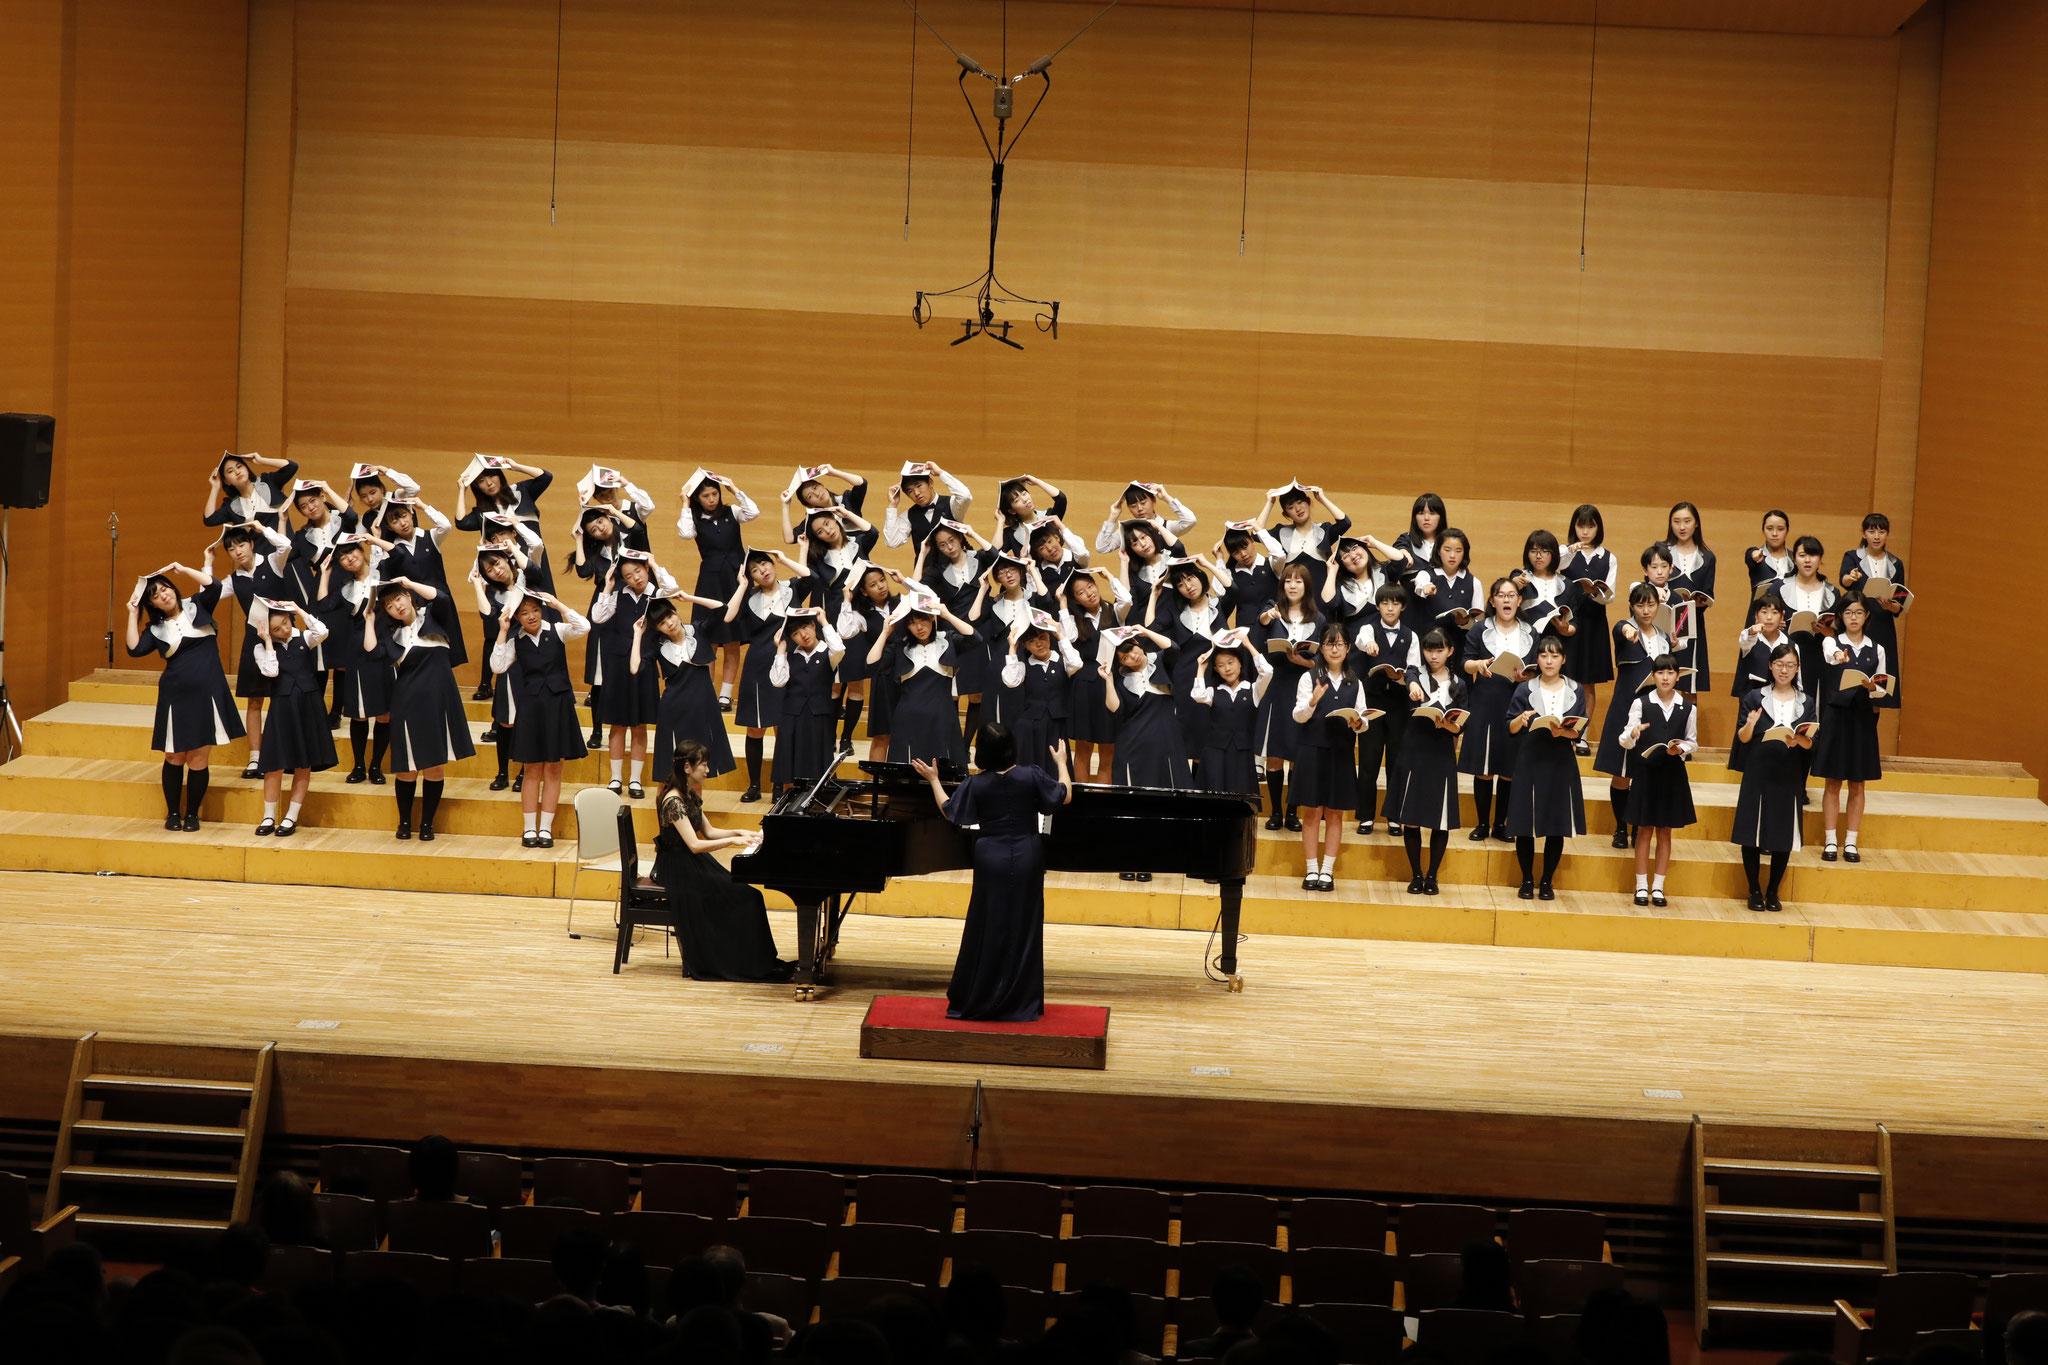 オープニングコンサート《改めて古典を。》NHK東京児童合唱団 指揮:金田典子